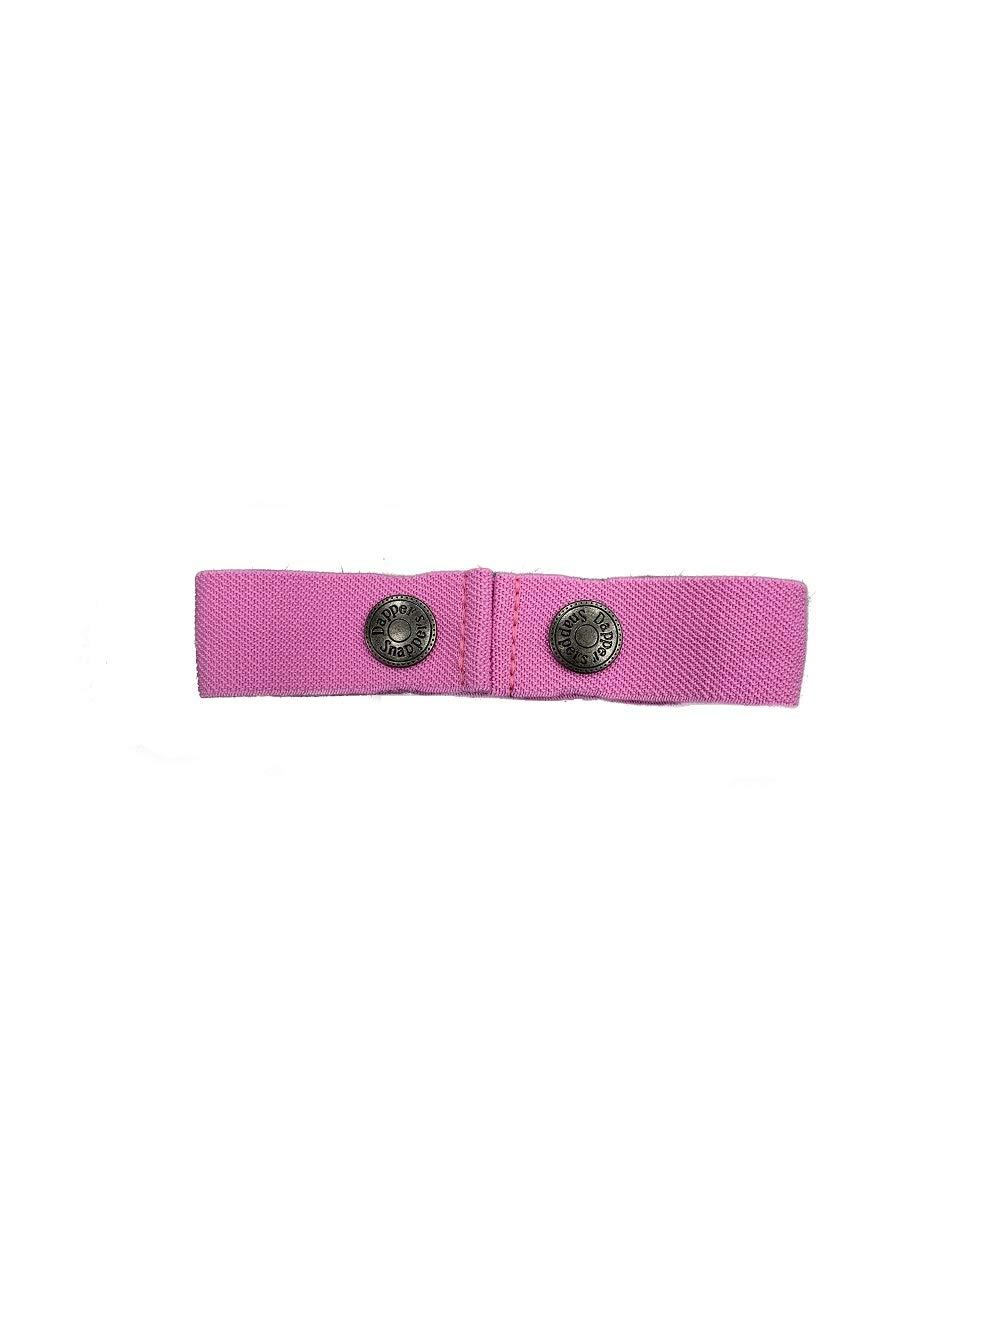 Dapper Snapper Baby & Toddler Adjustable Cinch Belts ~ Many Colors (Lt Pink)